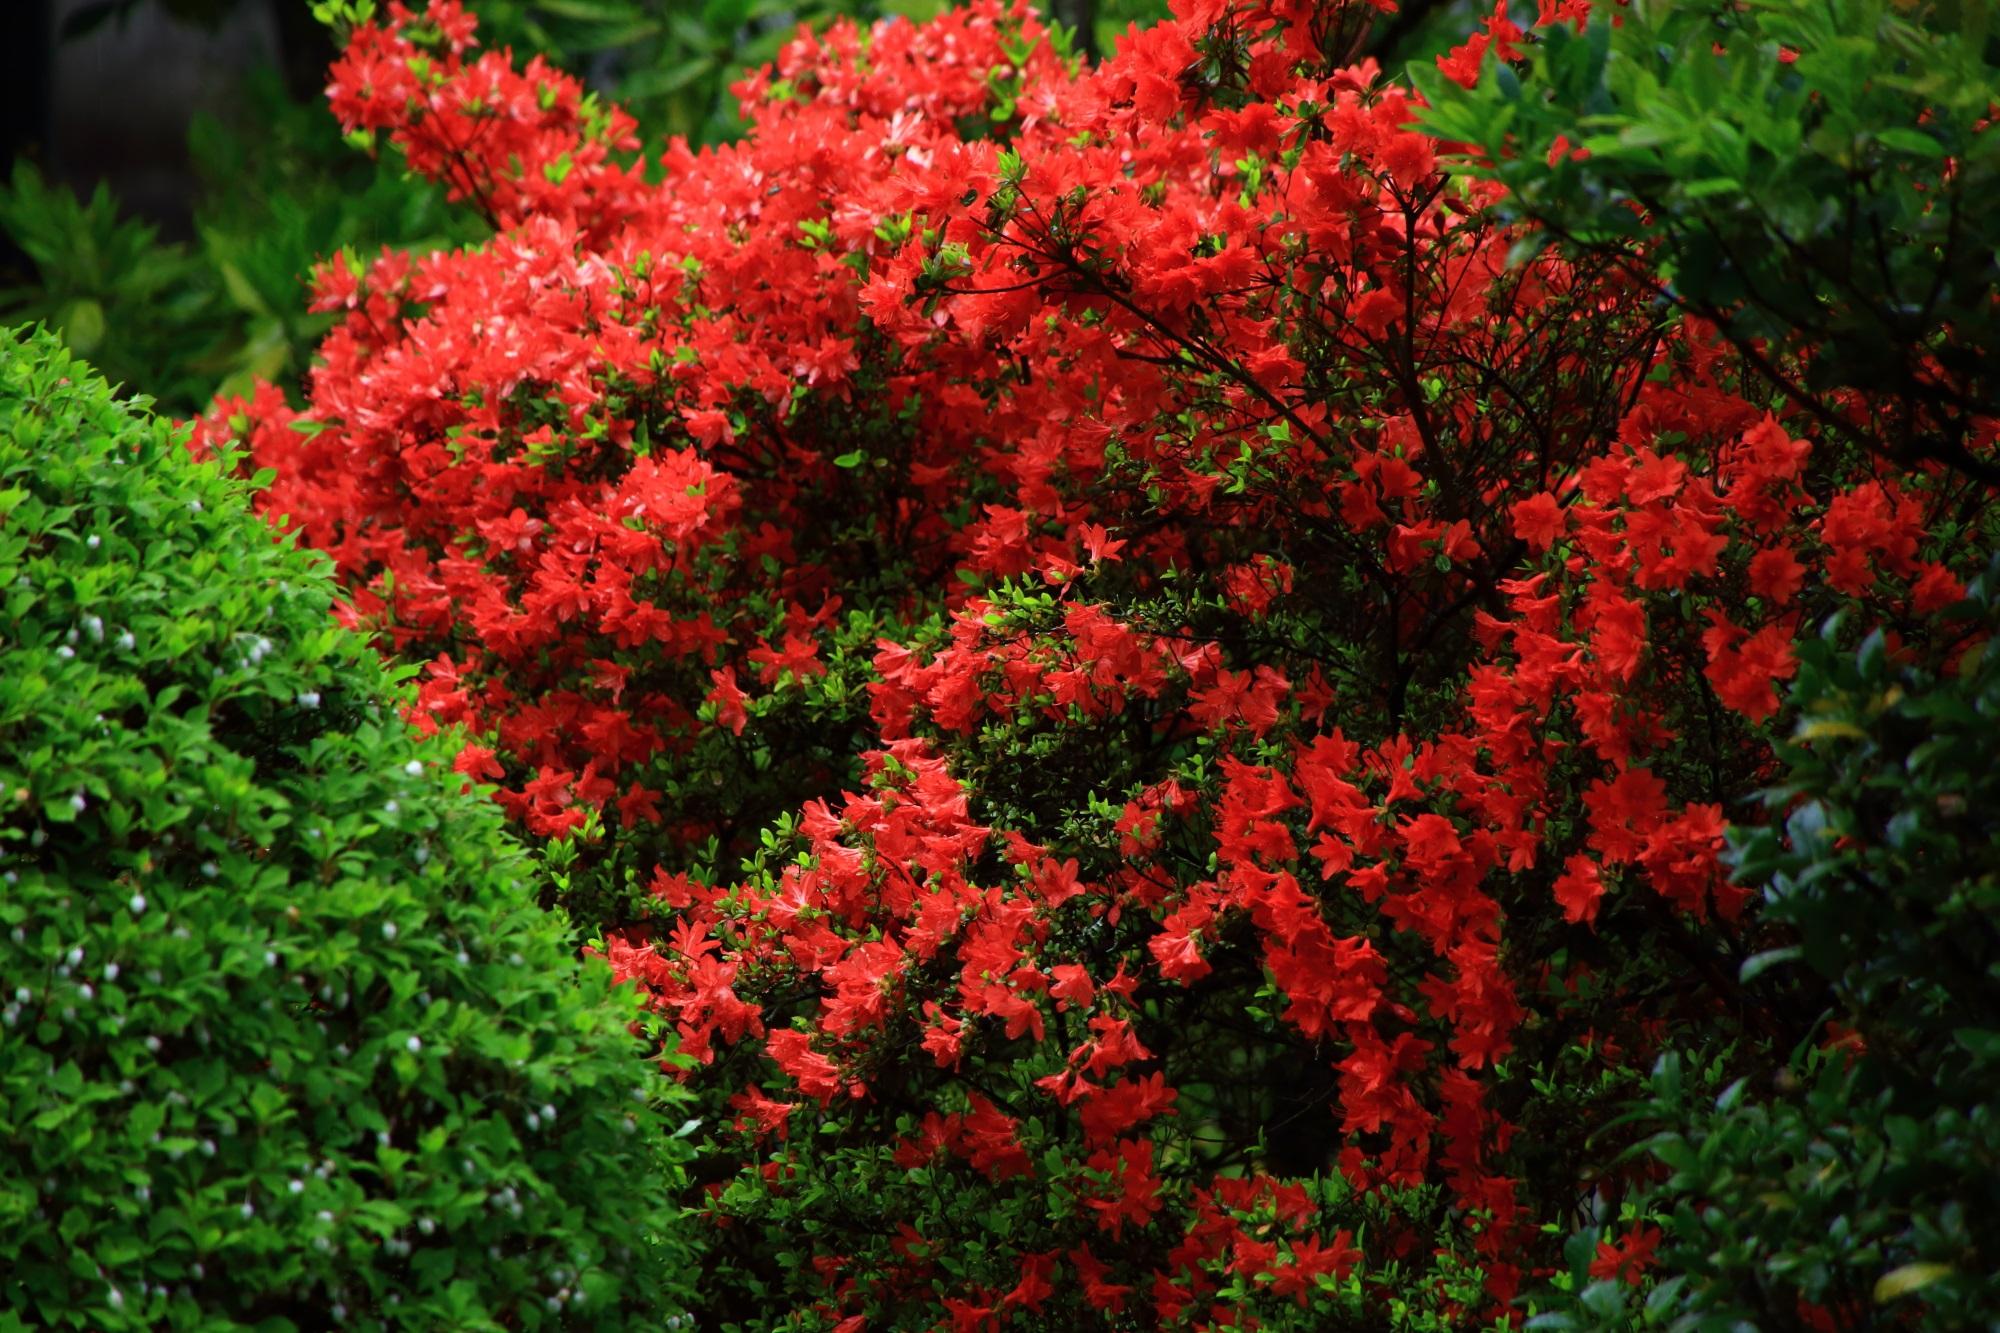 大心院の弾けんばかりに咲き誇る真っ赤なキリシマツツジ